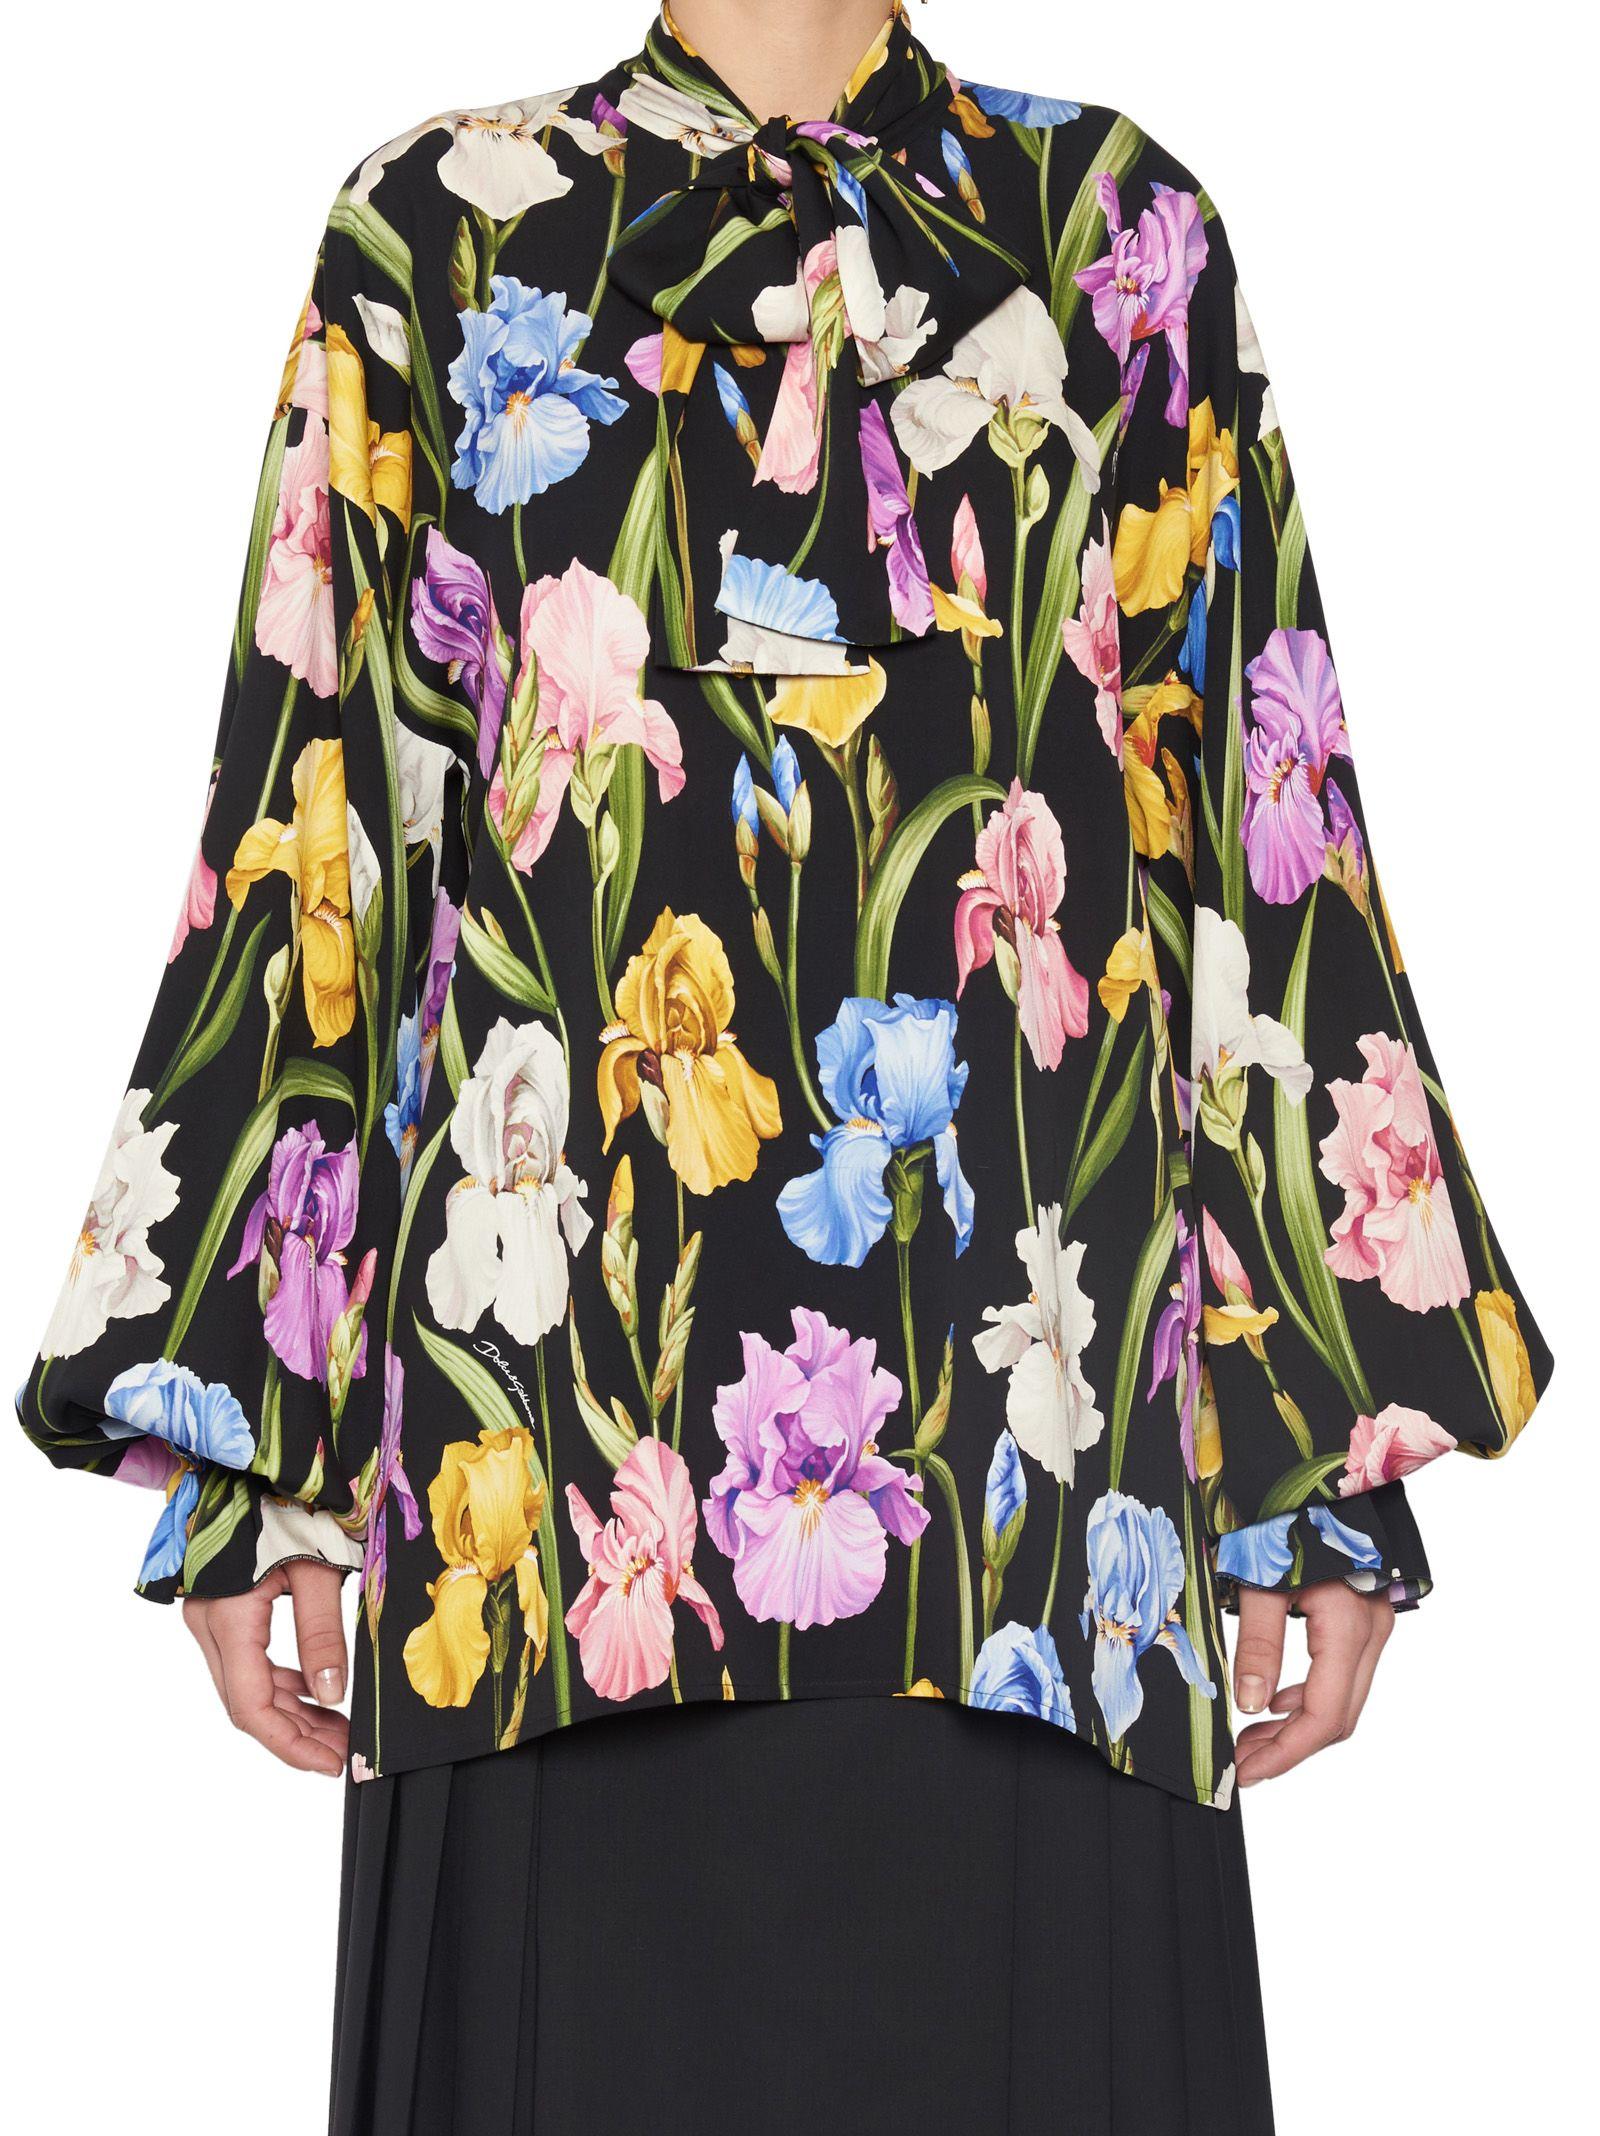 Dolce & Gabbana 'iris' Shirt